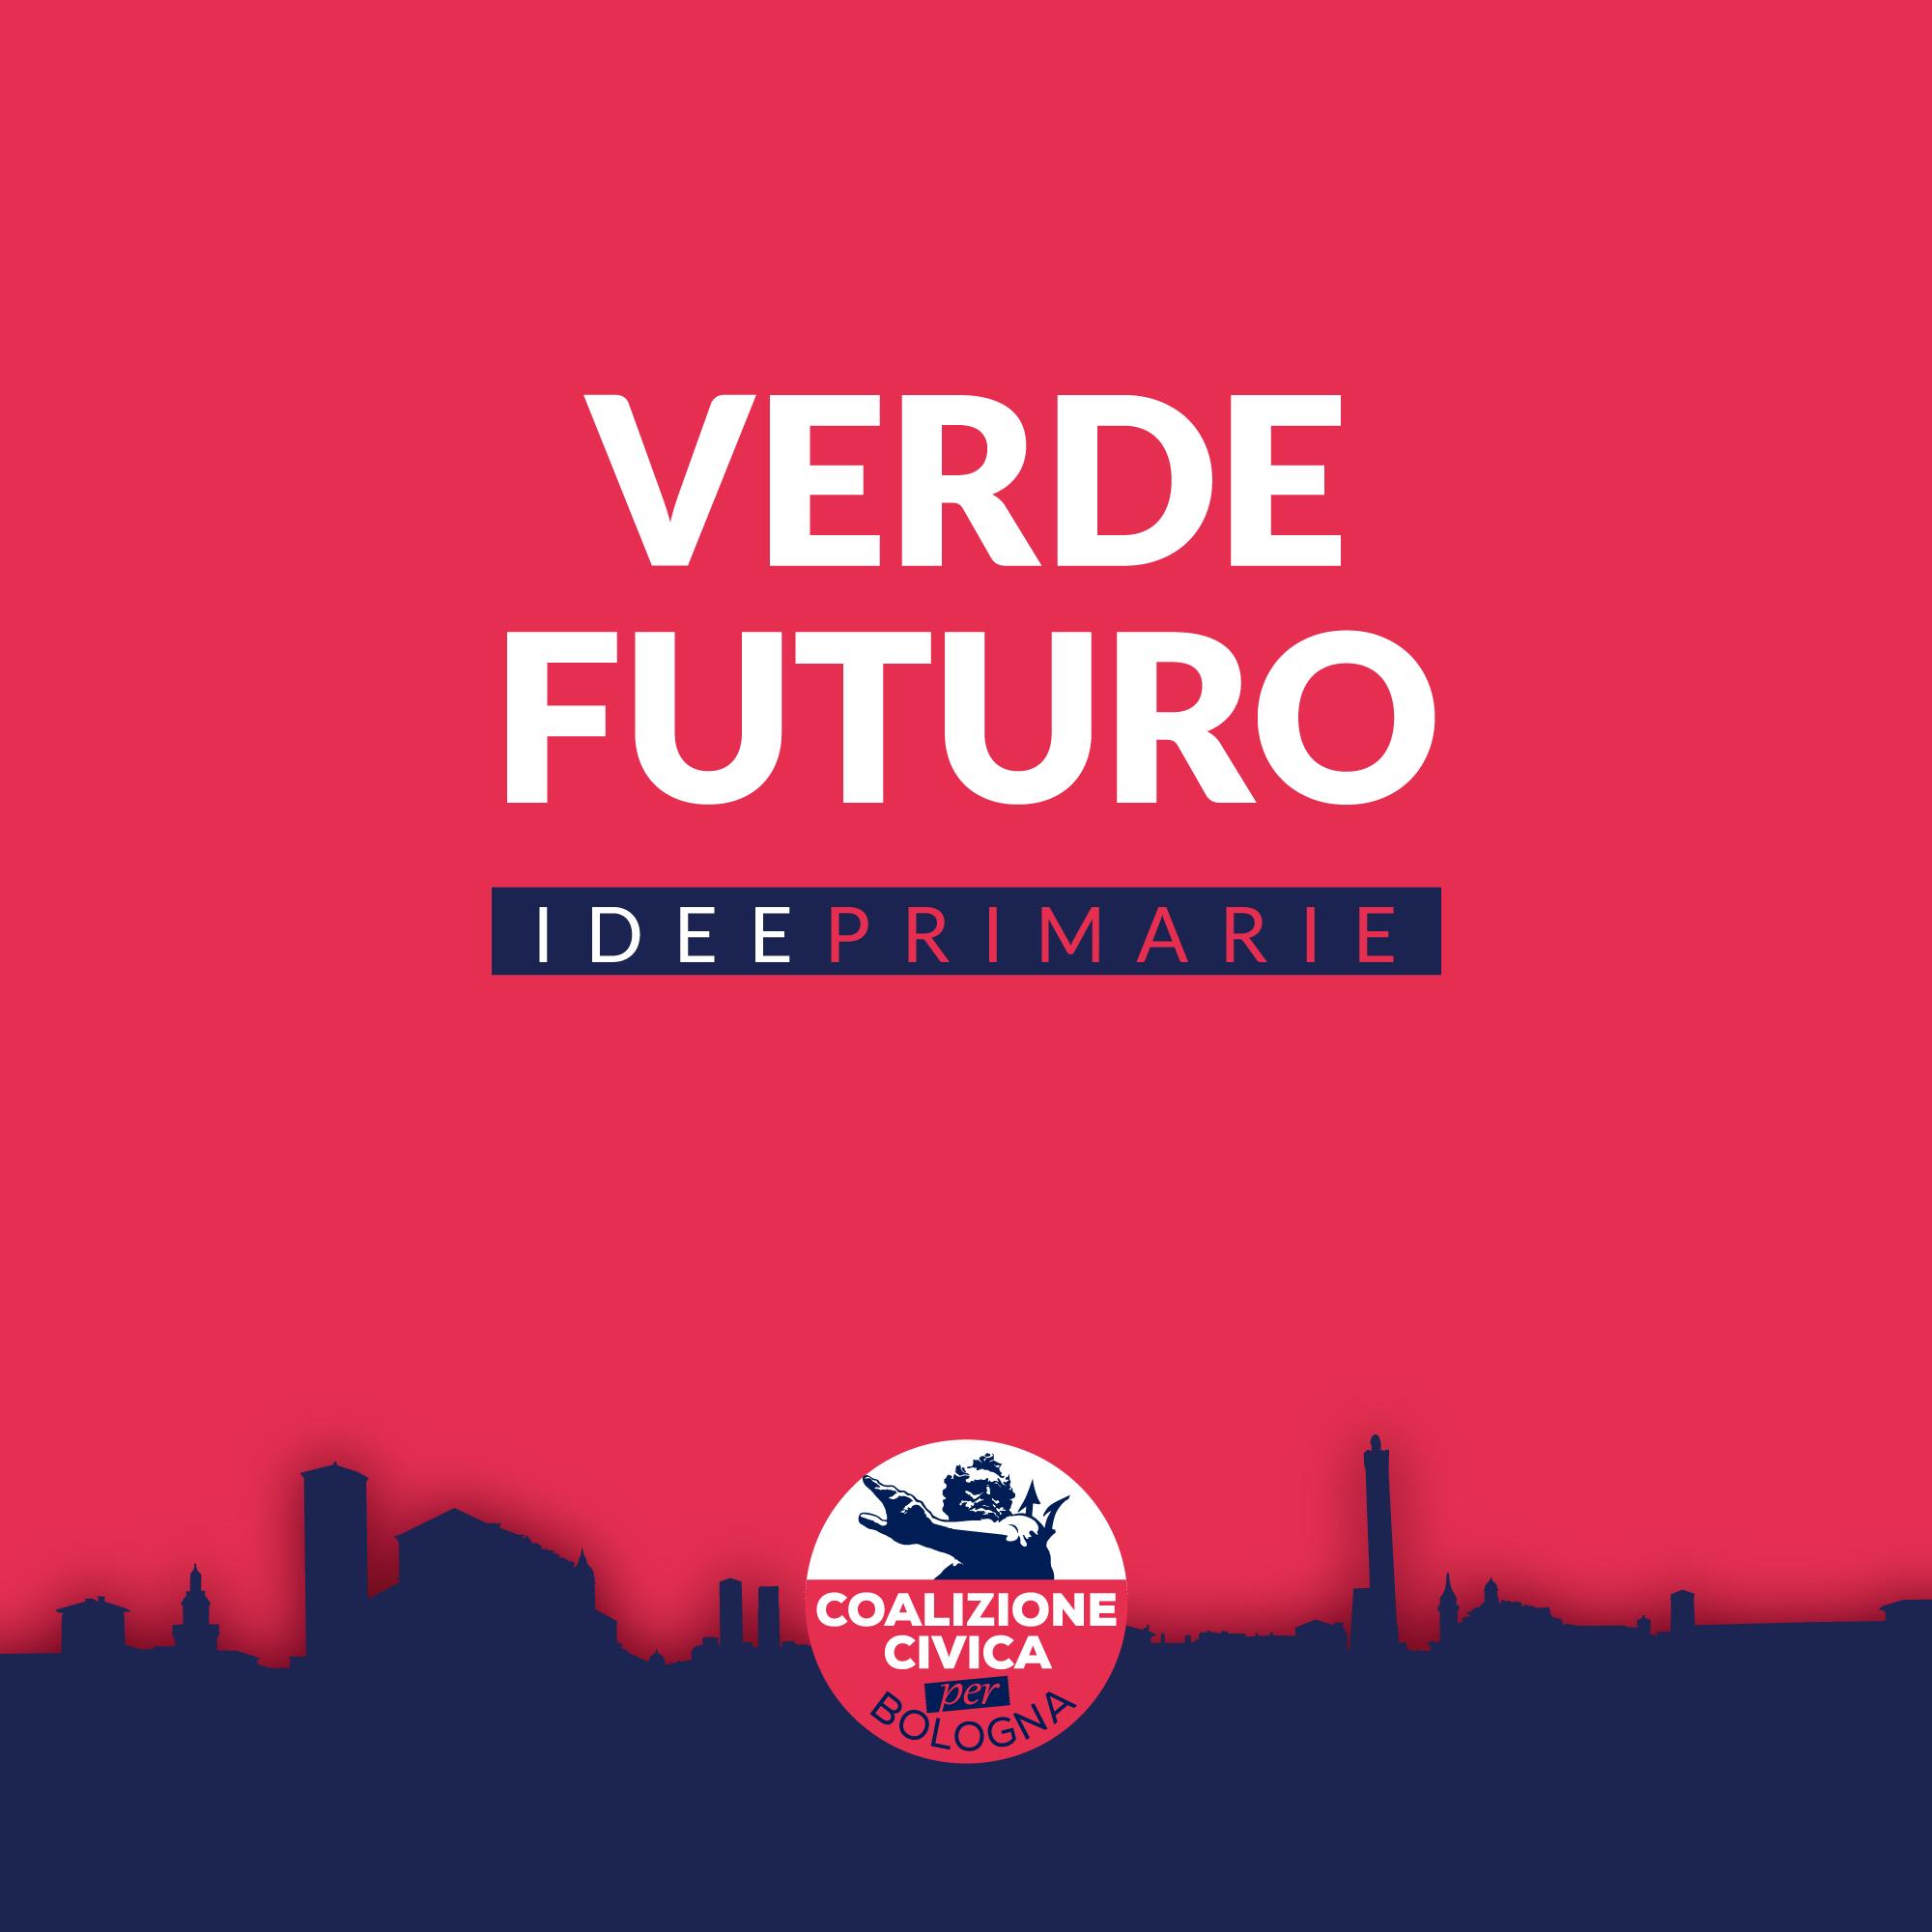 Idee primarie: verde futuro